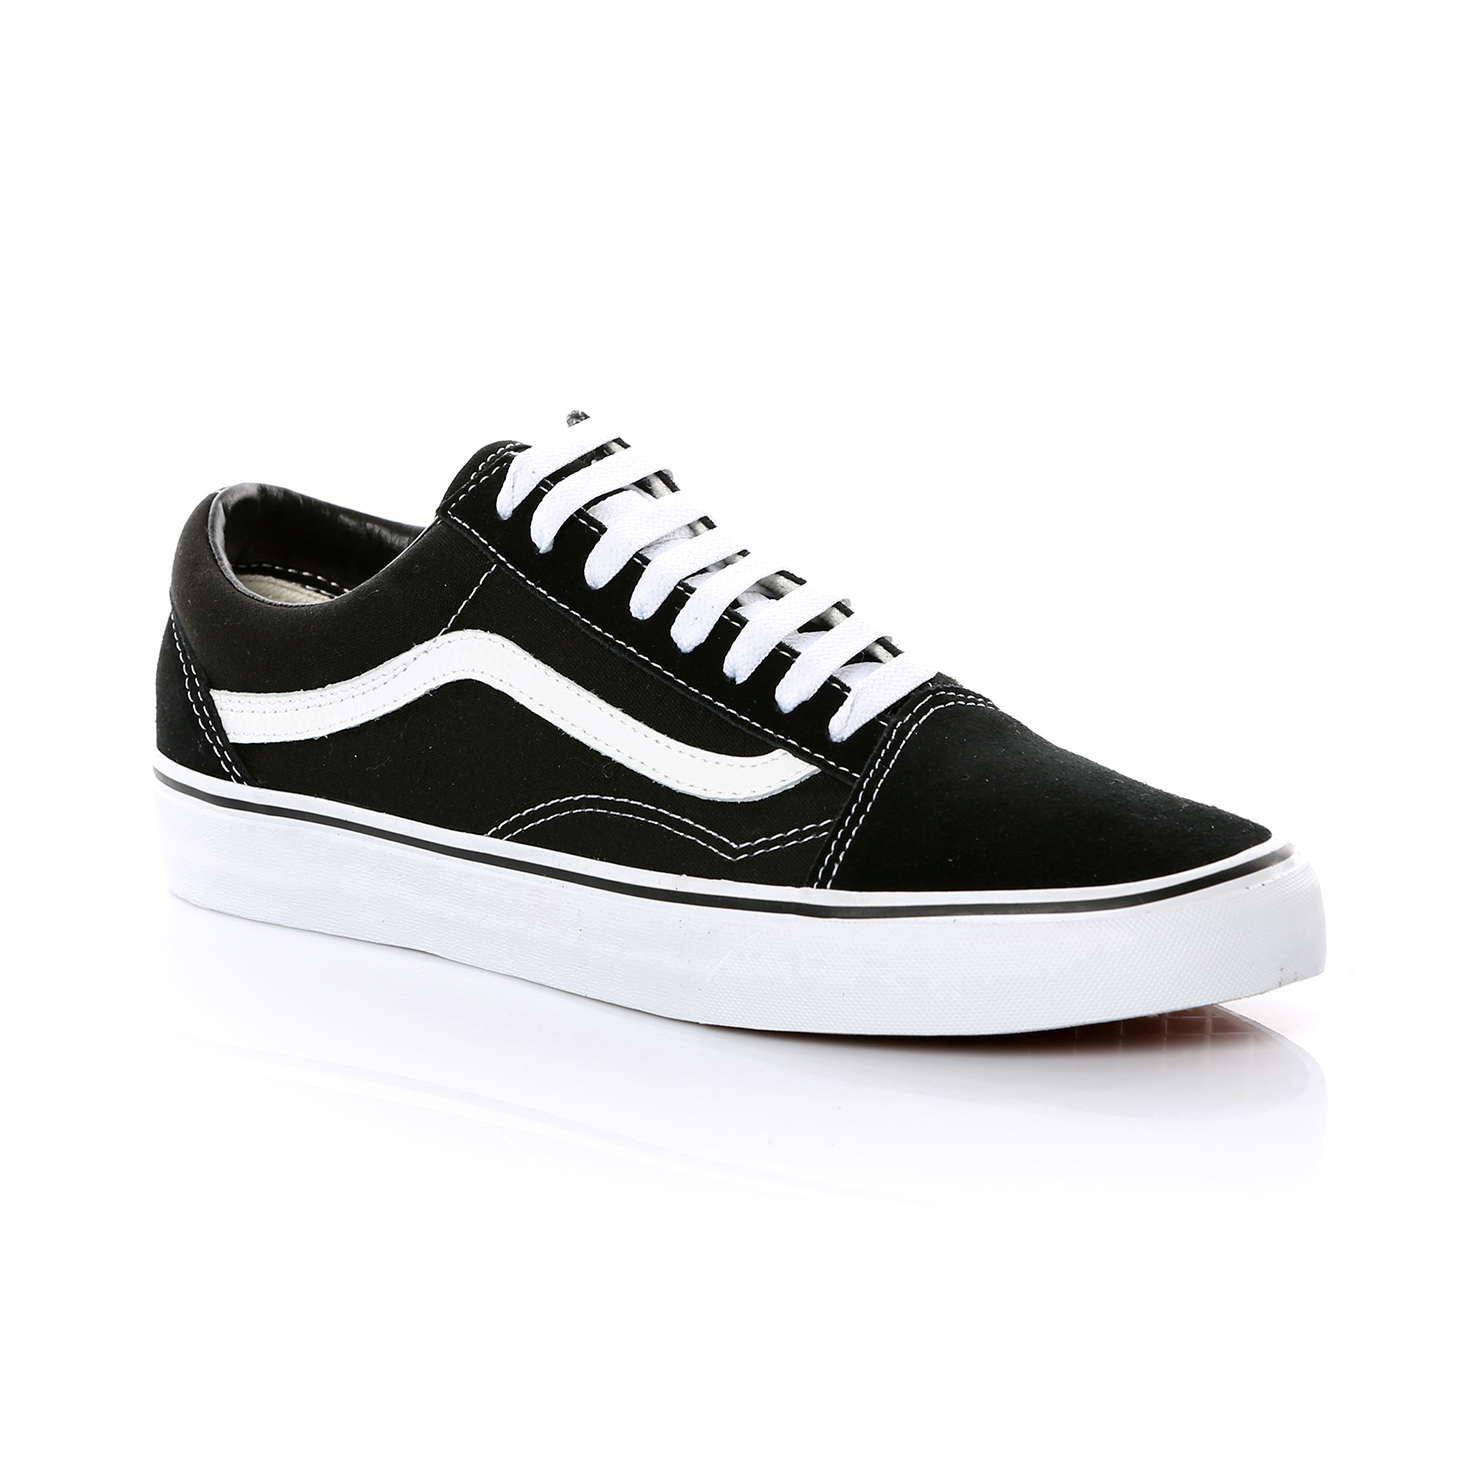 2f2881dab6323b Vans Old Skool Siyah Sneaker Kadin Spor Ayakkabı   Sneaker 2551449 ...